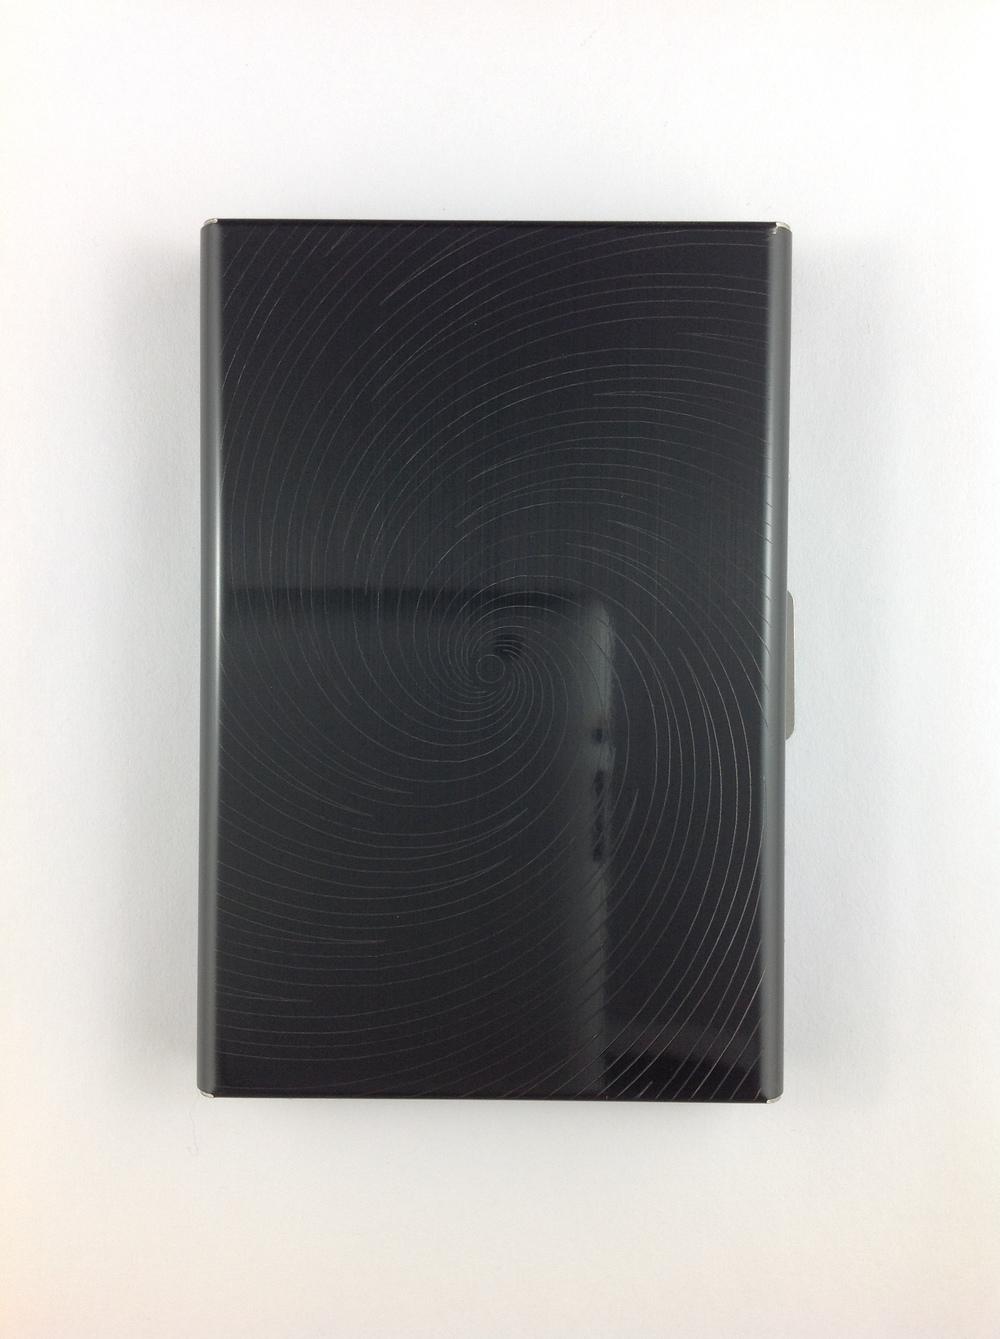 DigitalCarver-BlackWallet-IMG_3655.JPG